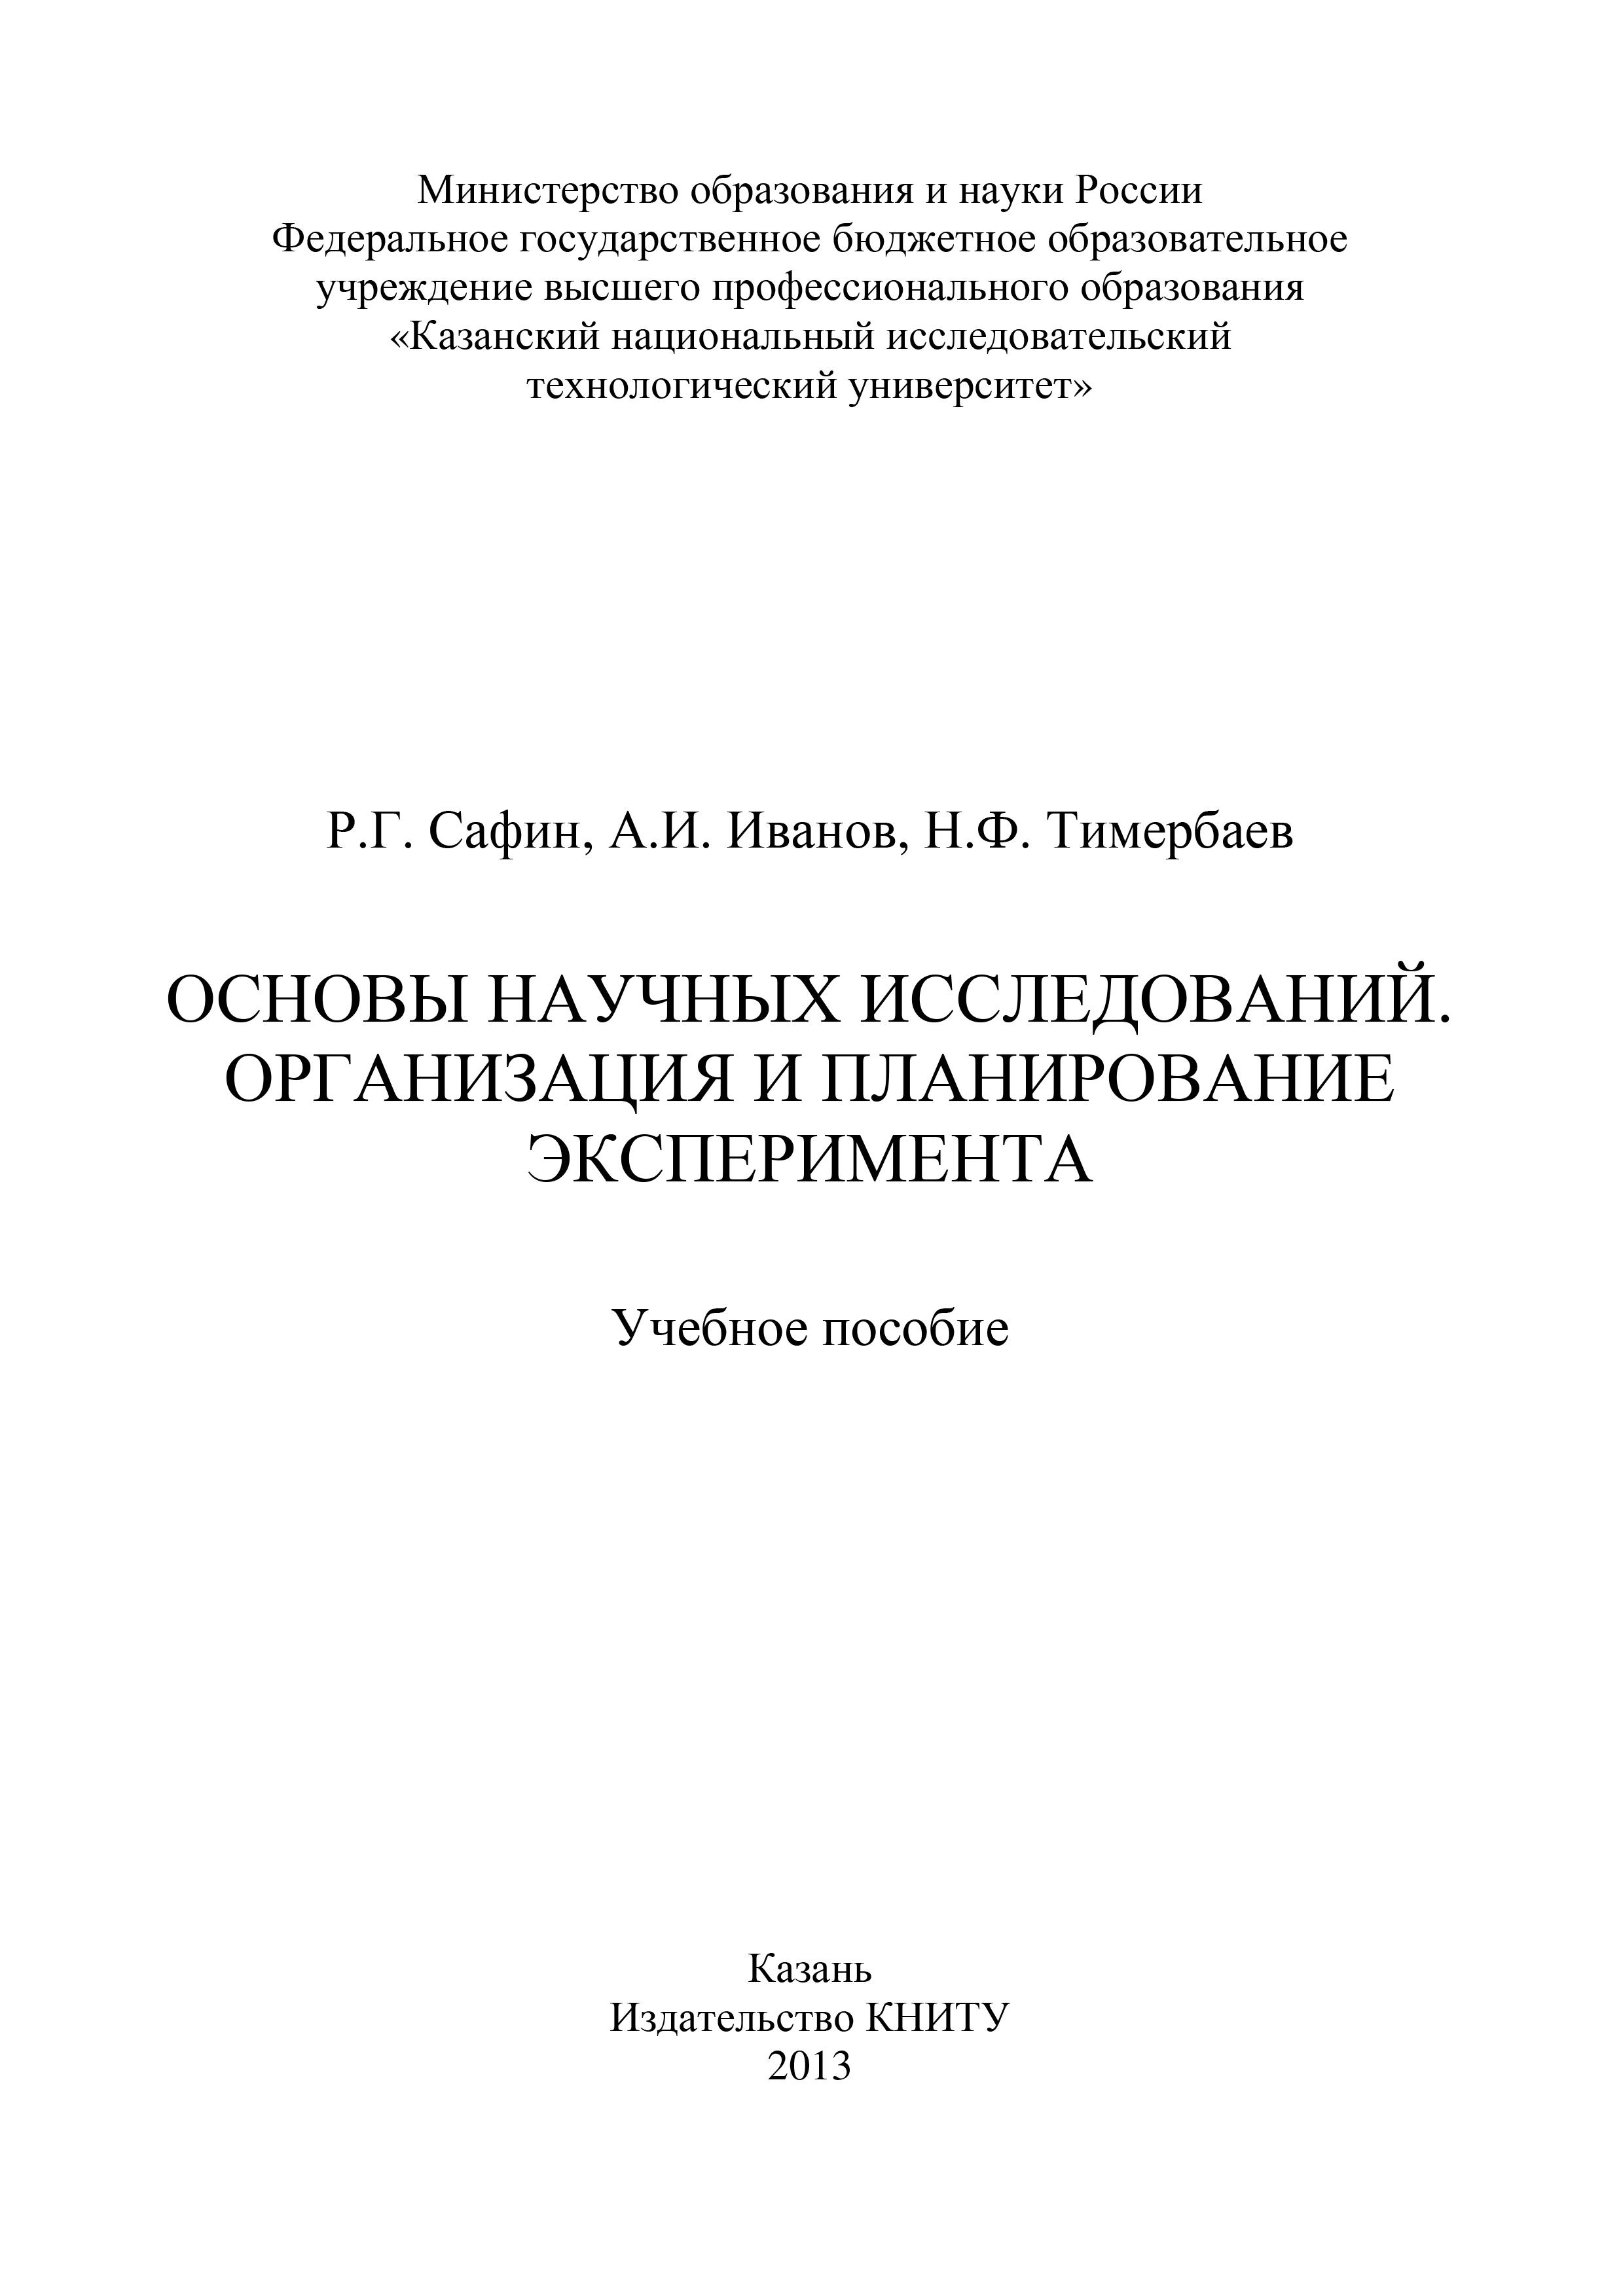 А. И. Иванов Основы научных исследований. Организация и планирование эксперимента